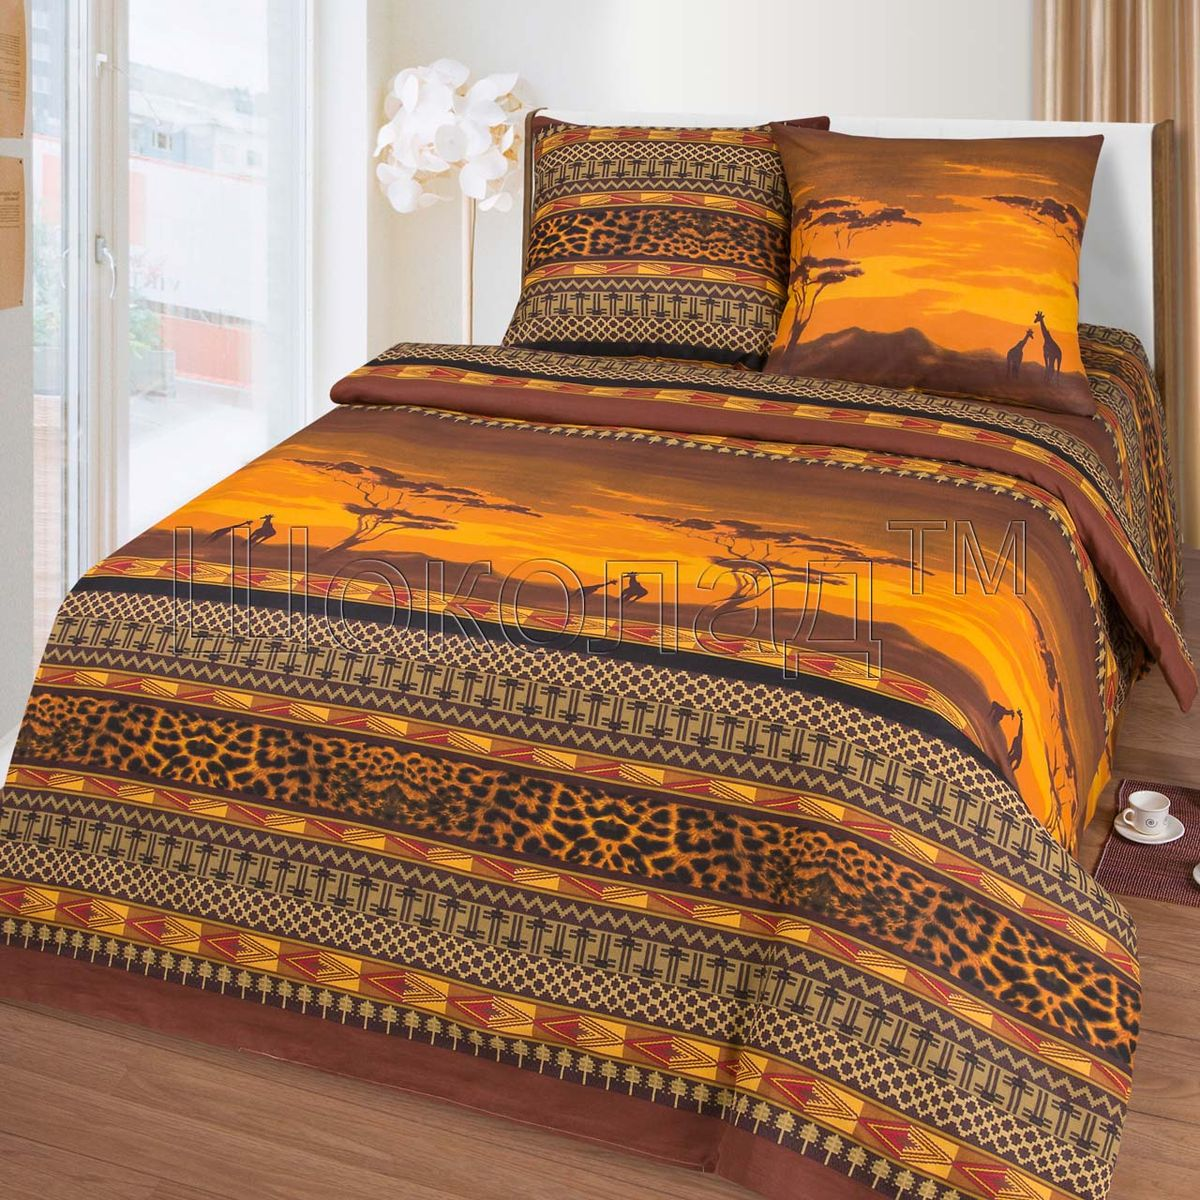 Комплект белья Шоколад Кения, 1,5-спальный, наволочки 70x70. Б100Б100Комплект постельного белья Шоколад Кения является экологически безопасным для всей семьи, так как выполнен из натурального хлопка. Комплект состоит из пододеяльника, простыни и двух наволочек. Постельное белье оформлено оригинальным рисунком и имеет изысканный внешний вид. Бязь - это ткань полотняного переплетения, изготовленная из экологически чистого и натурального 100% хлопка. Она прочная, мягкая, обладает низкой сминаемостью, легко стирается и хорошо гладится. Бязь прекрасно пропускает воздух и за ней легко ухаживать. При соблюдении рекомендуемых условий стирки, сушки и глажения ткань имеет усадку по ГОСТу, сохранятся яркость текстильных рисунков. Приобретая комплект постельного белья Шоколад  Кения вы можете быть уверены в том, что покупка доставит вам и вашим близким удовольствие и подарит максимальный комфорт.Советы по выбору постельного белья от блогера Ирины Соковых. Статья OZON Гид